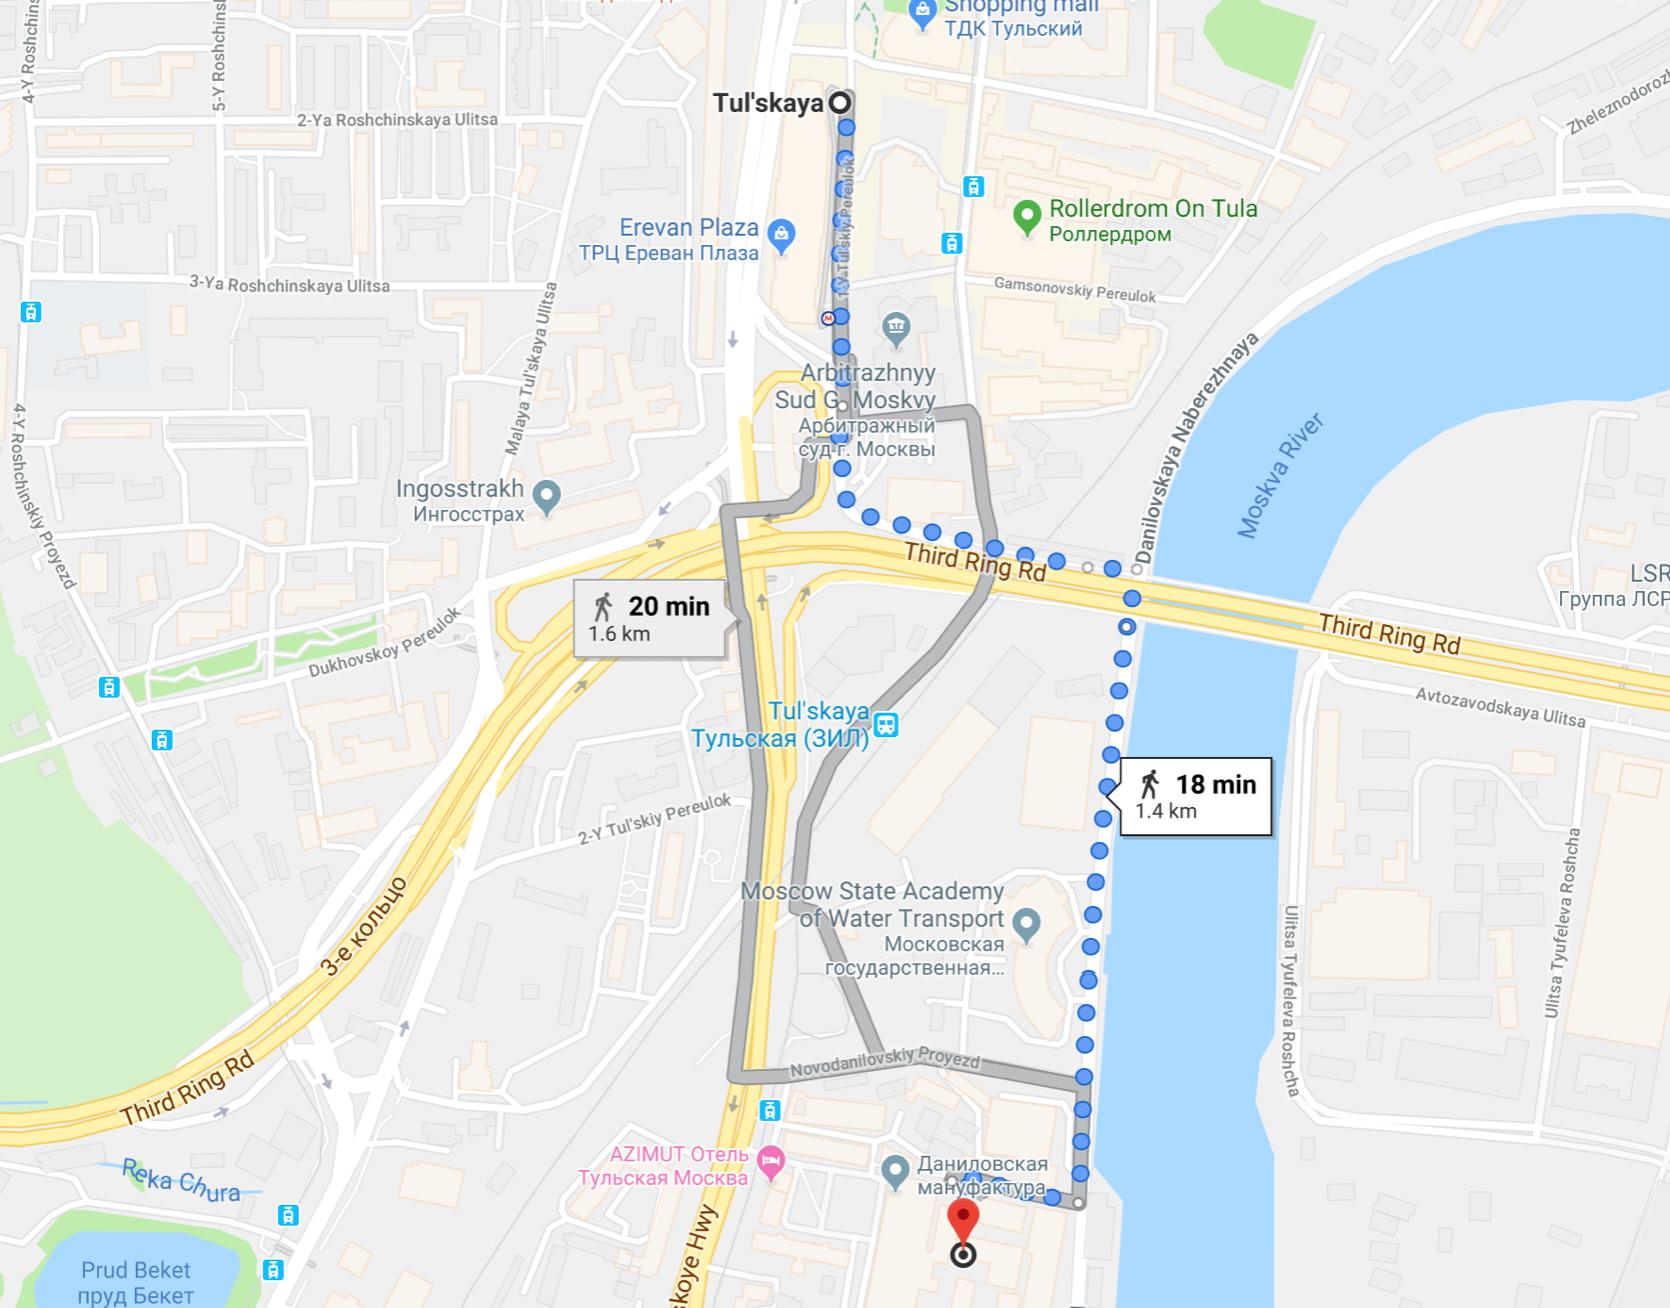 Гости наших митапов в Москве хорошо знают этот маршрут :)